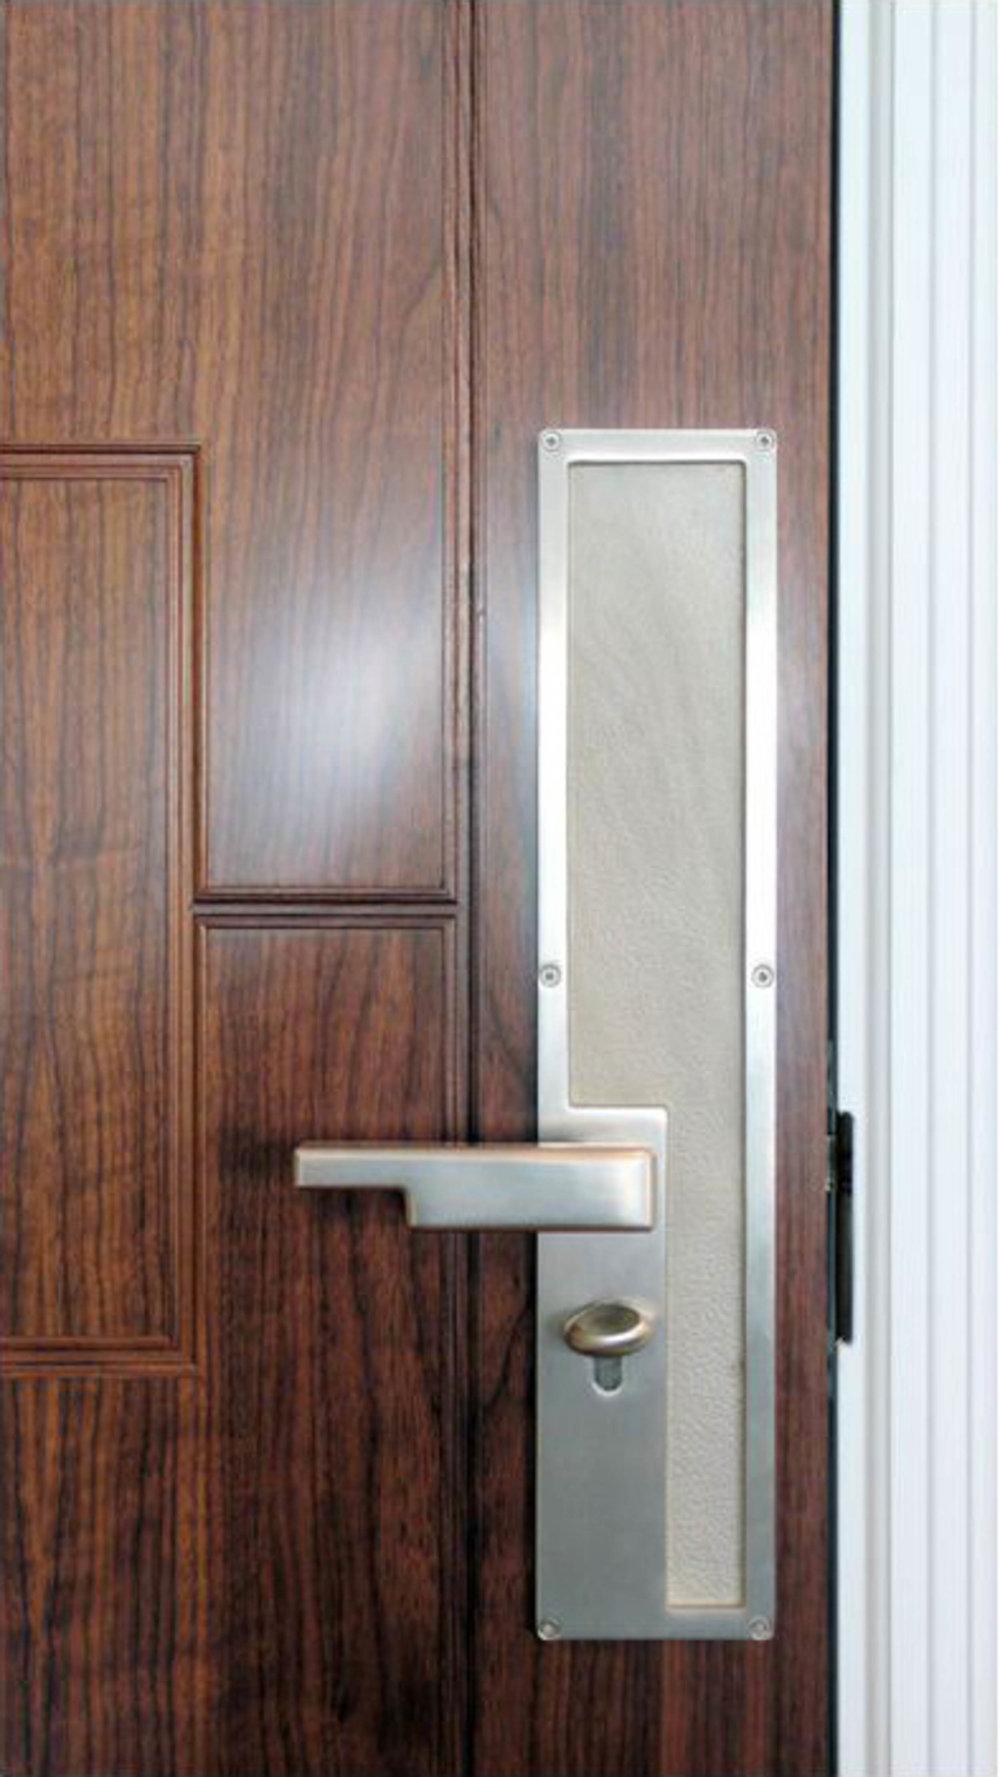 05_PRINCES GATE DETAIL DOOR.jpg